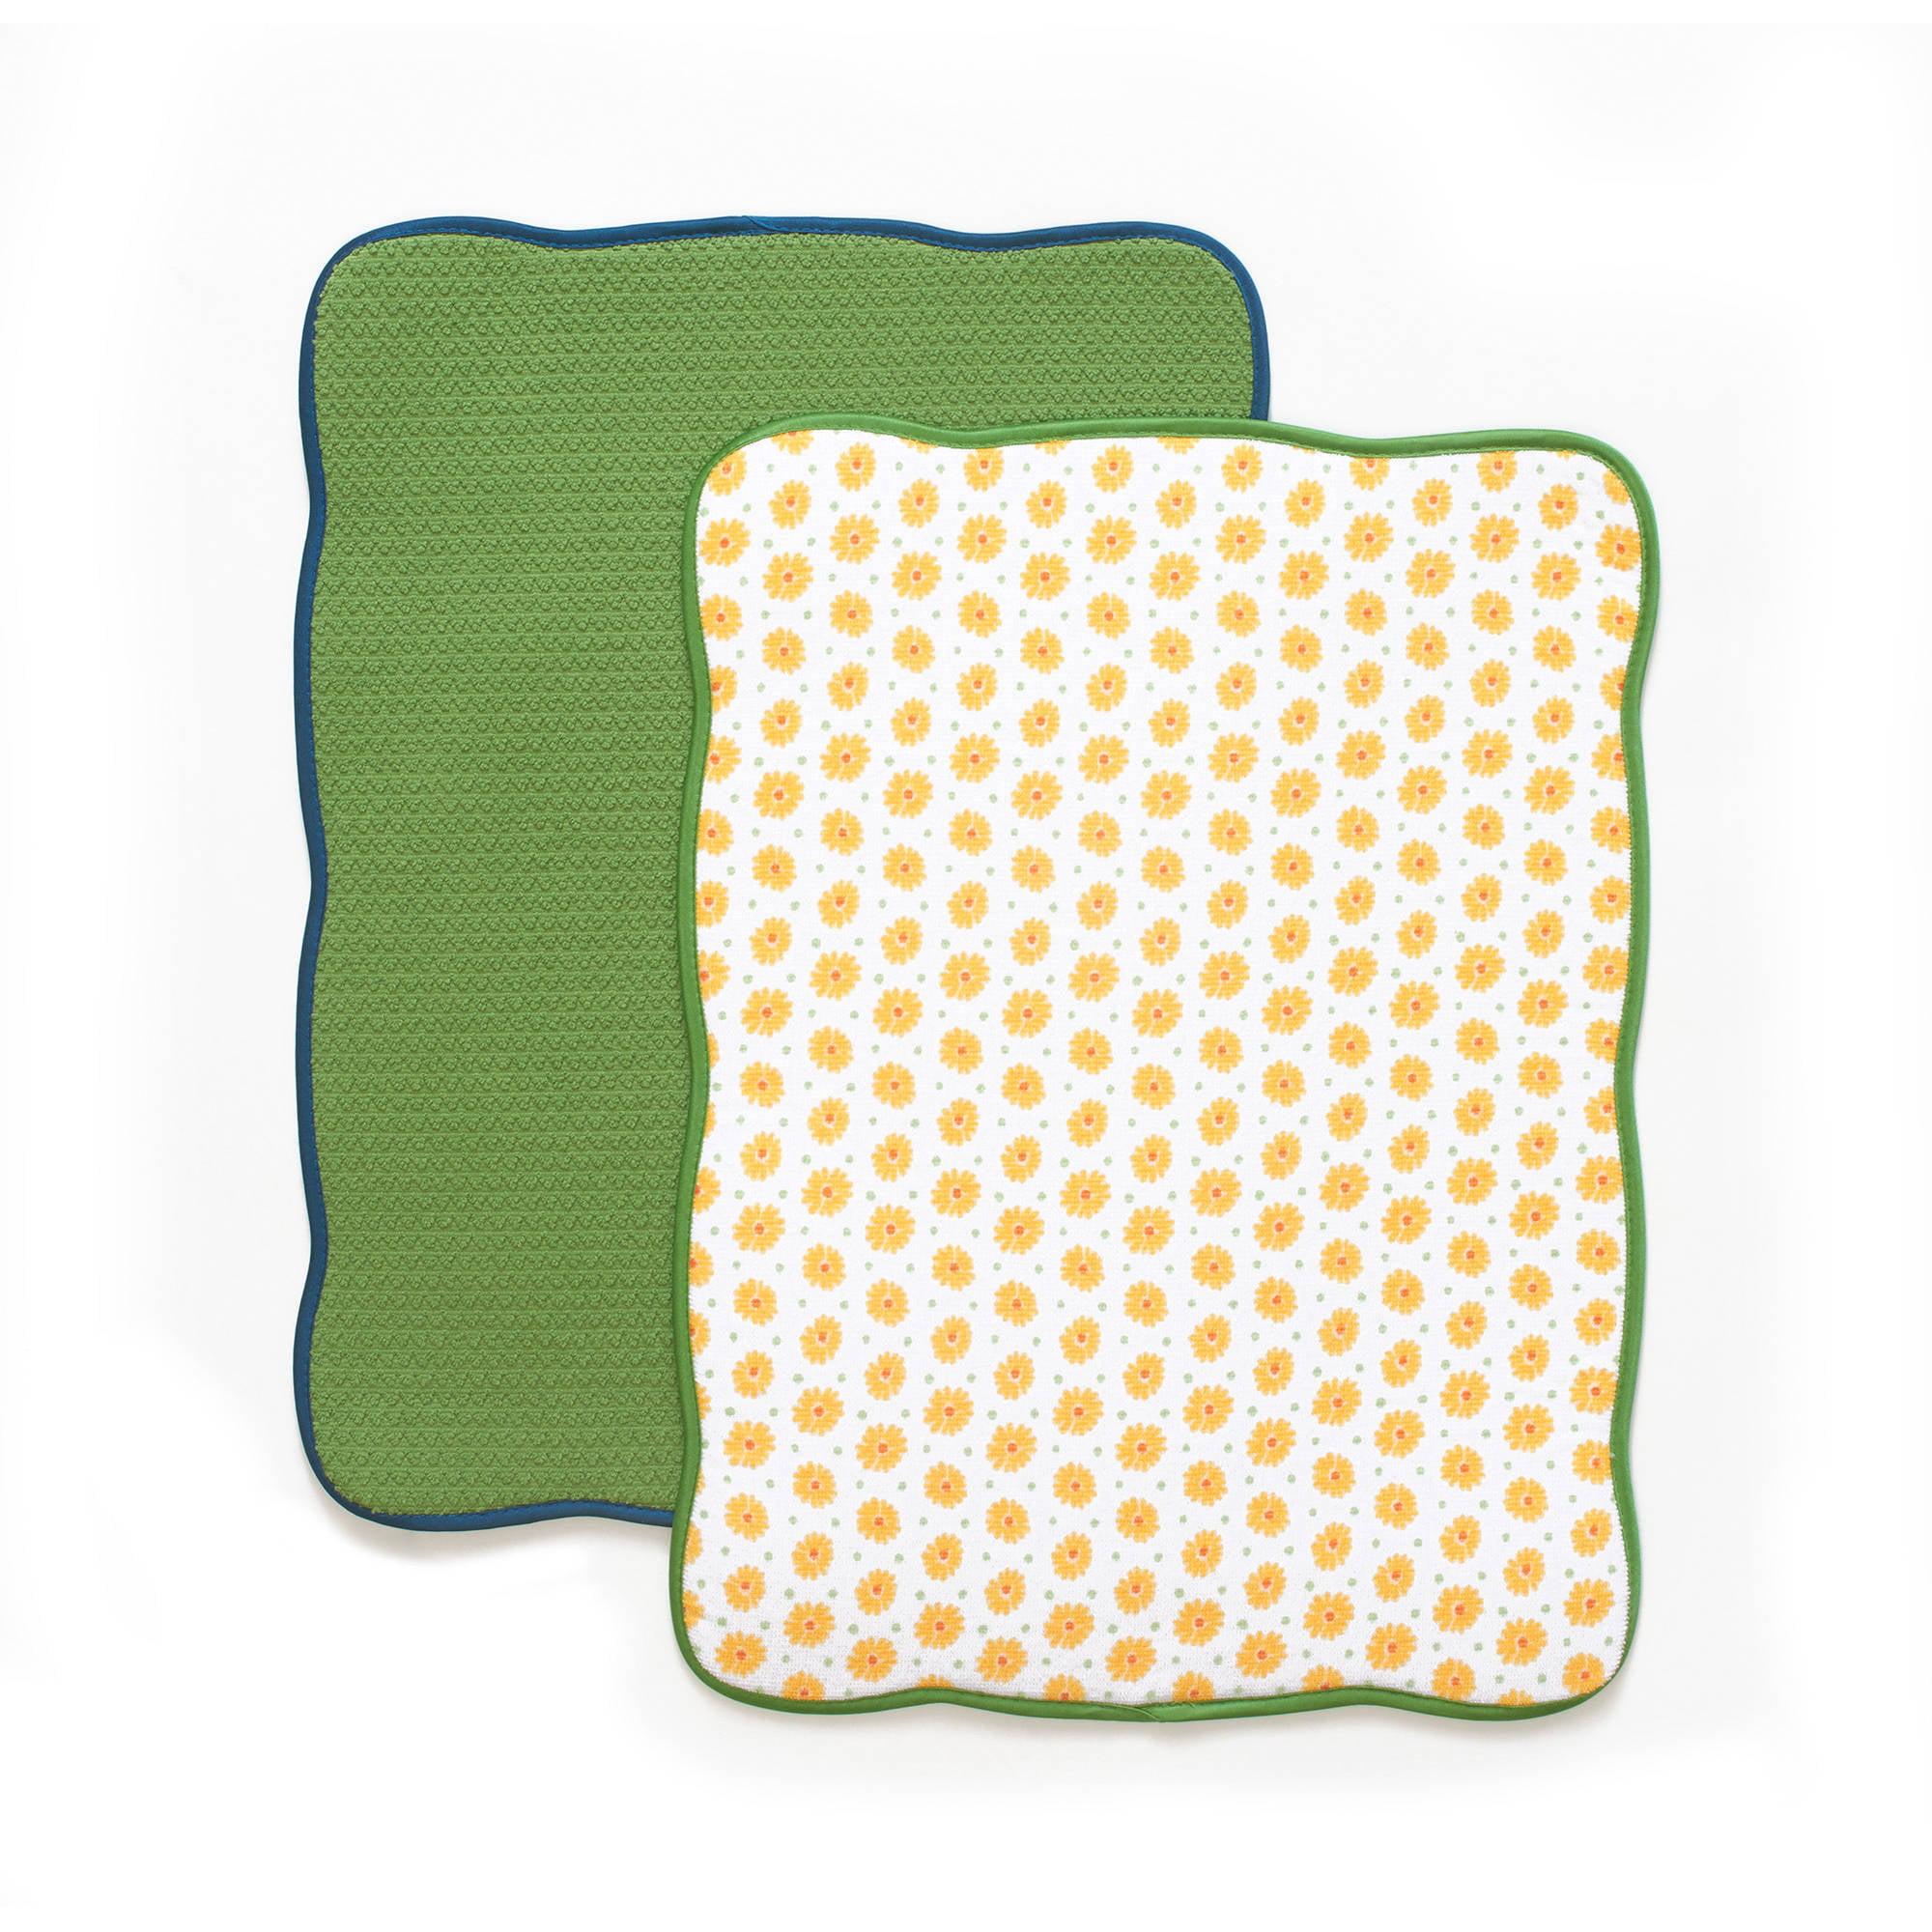 The Pioneer Woman Bright Daisy Reversible Dish Drying Mat, 2pk